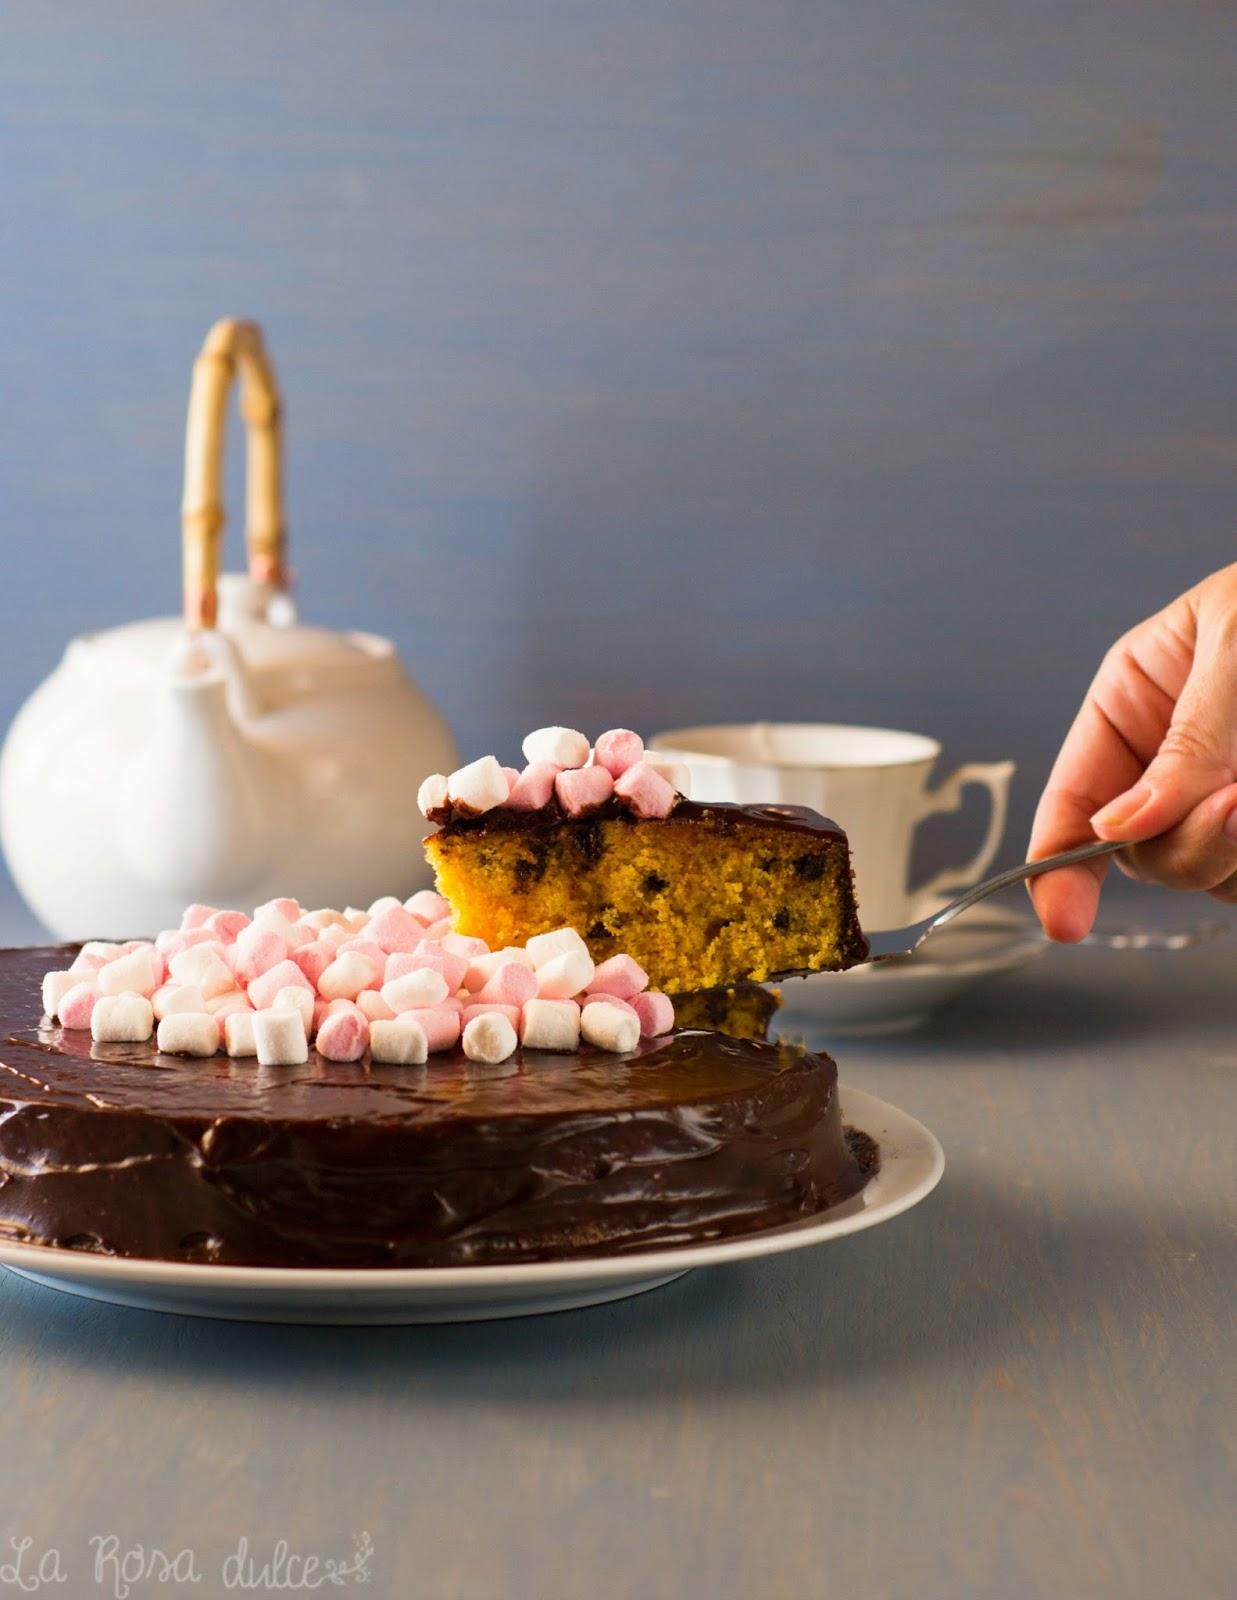 Tarta de zanahoria y chocolate al microondas sin lactosa